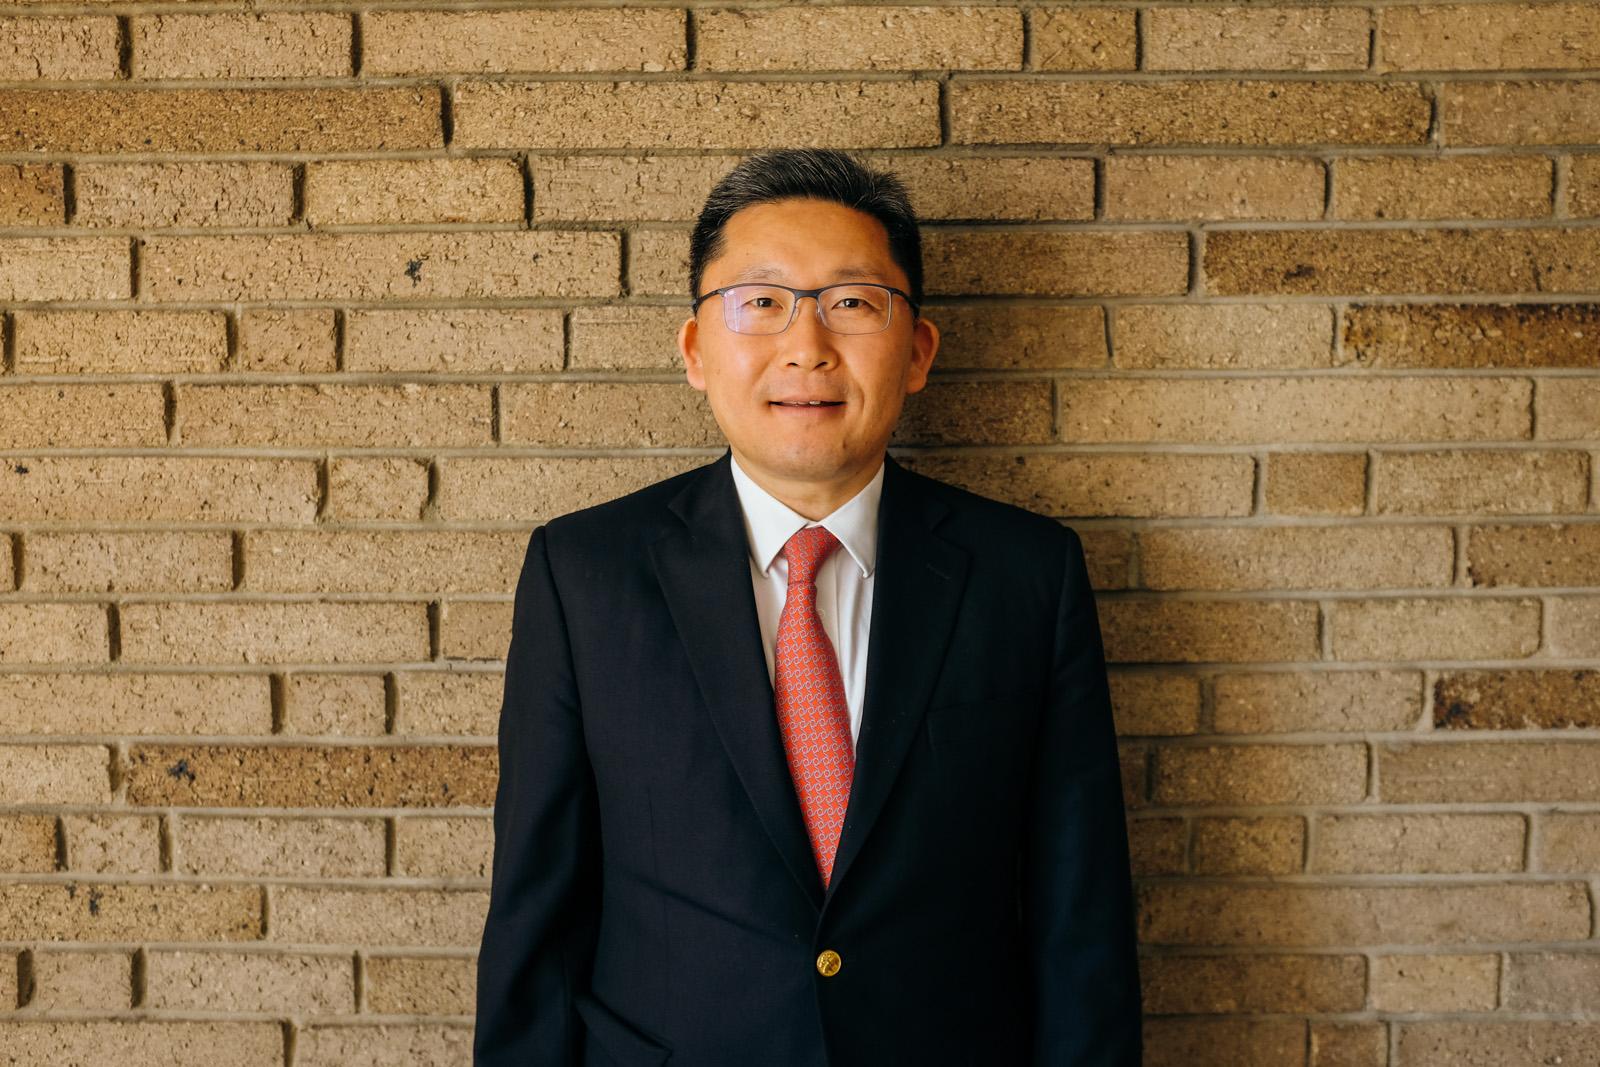 Steven Kang